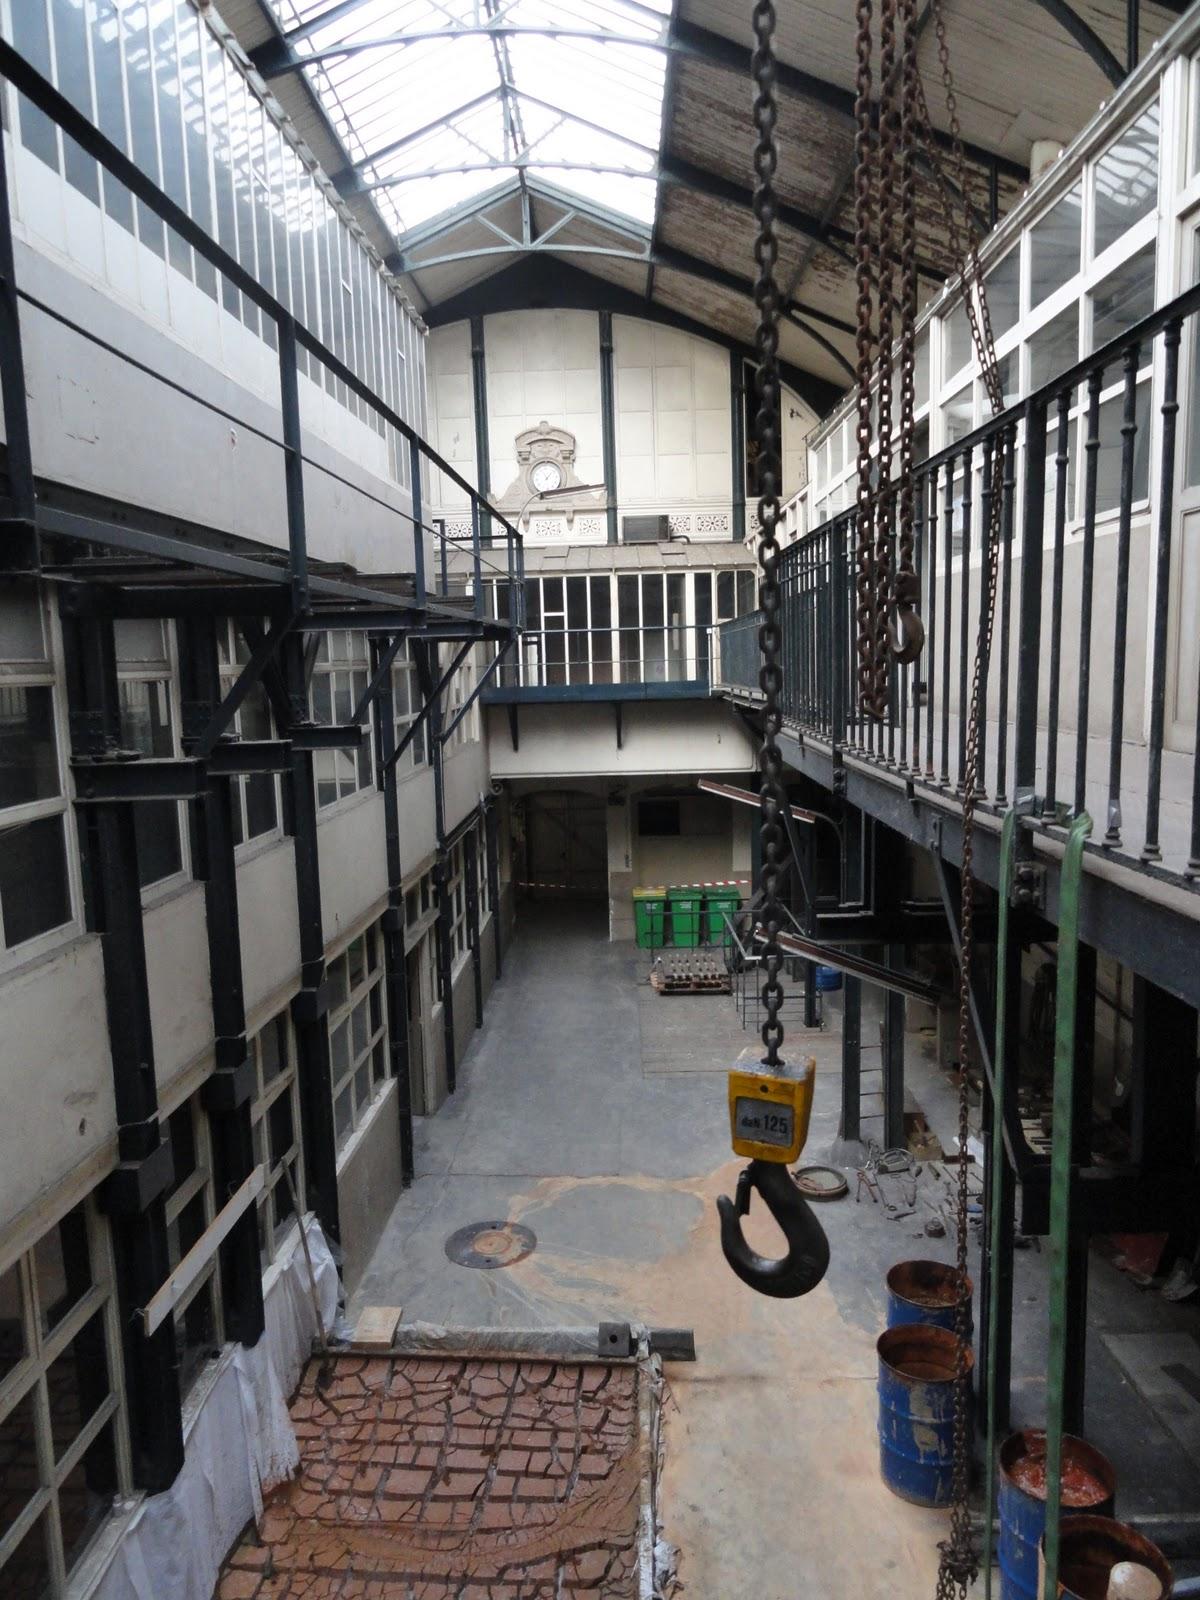 Des usines paris rue des francs bourgeois de l or dans les cendres - Atelier location paris ...